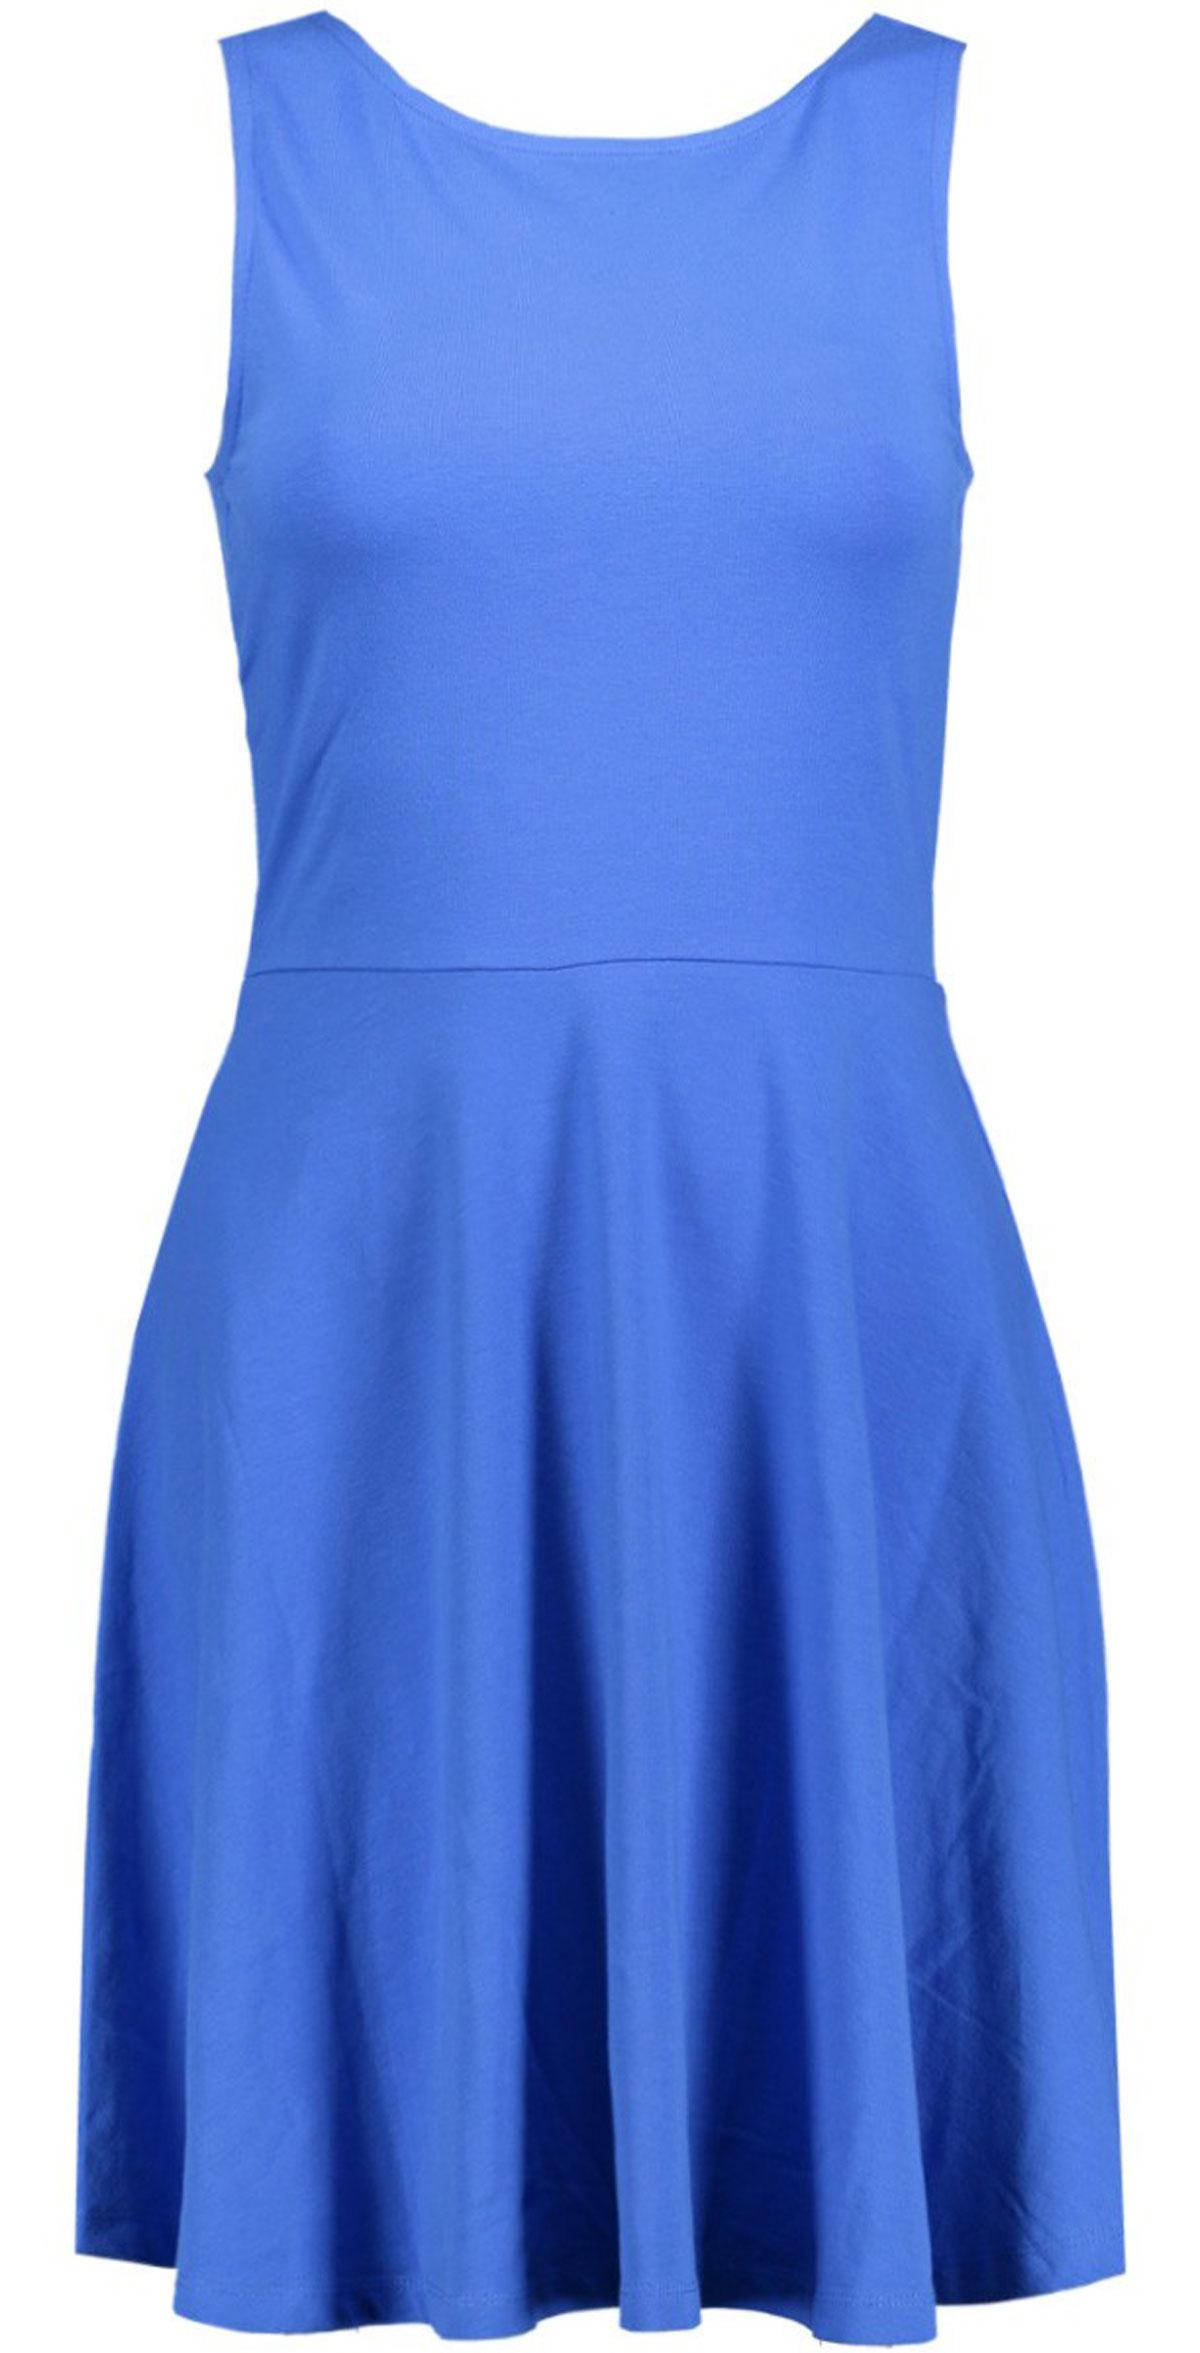 Платье Only, цвет: синий. 15134848_Night Sky. Размер S (42/44)15134848_Night SkyЭлегантное платье Only выполнено из хлопка с небольшим добавлением эластана. Модель приталенного силуэта с круглым вырезом горловины, отрезной талией и без рукавов. На спинке платье имеет глубокий V-образный вырез. Стильное платье подчеркнет достоинства вашей фигуры.